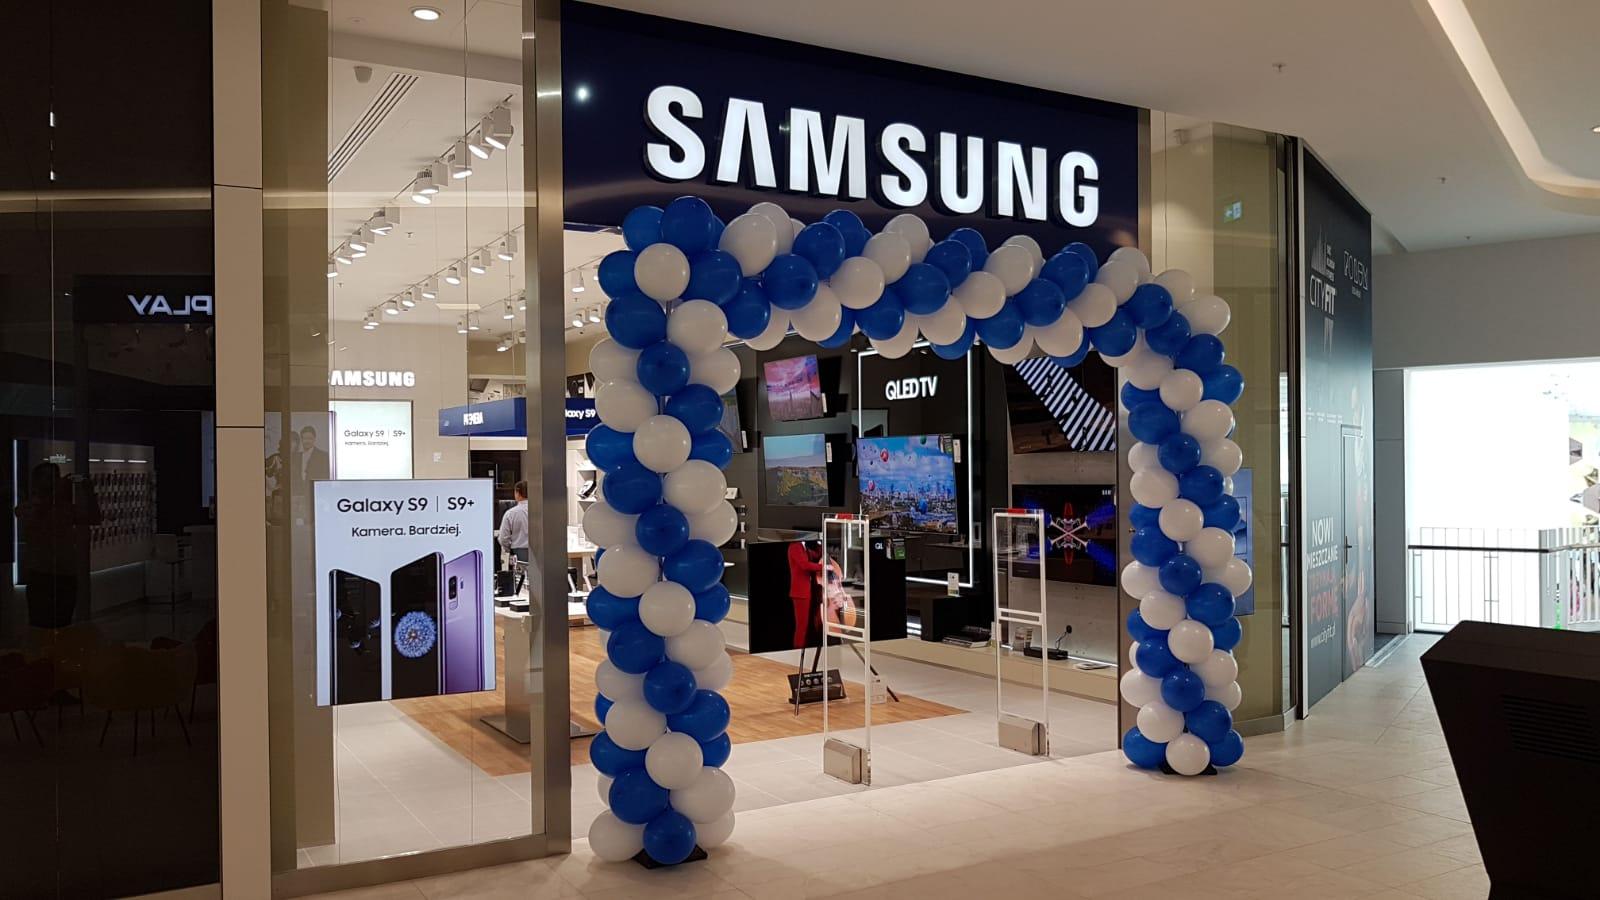 Jak bezpiecznie i mądrze kupować smartfony? 16